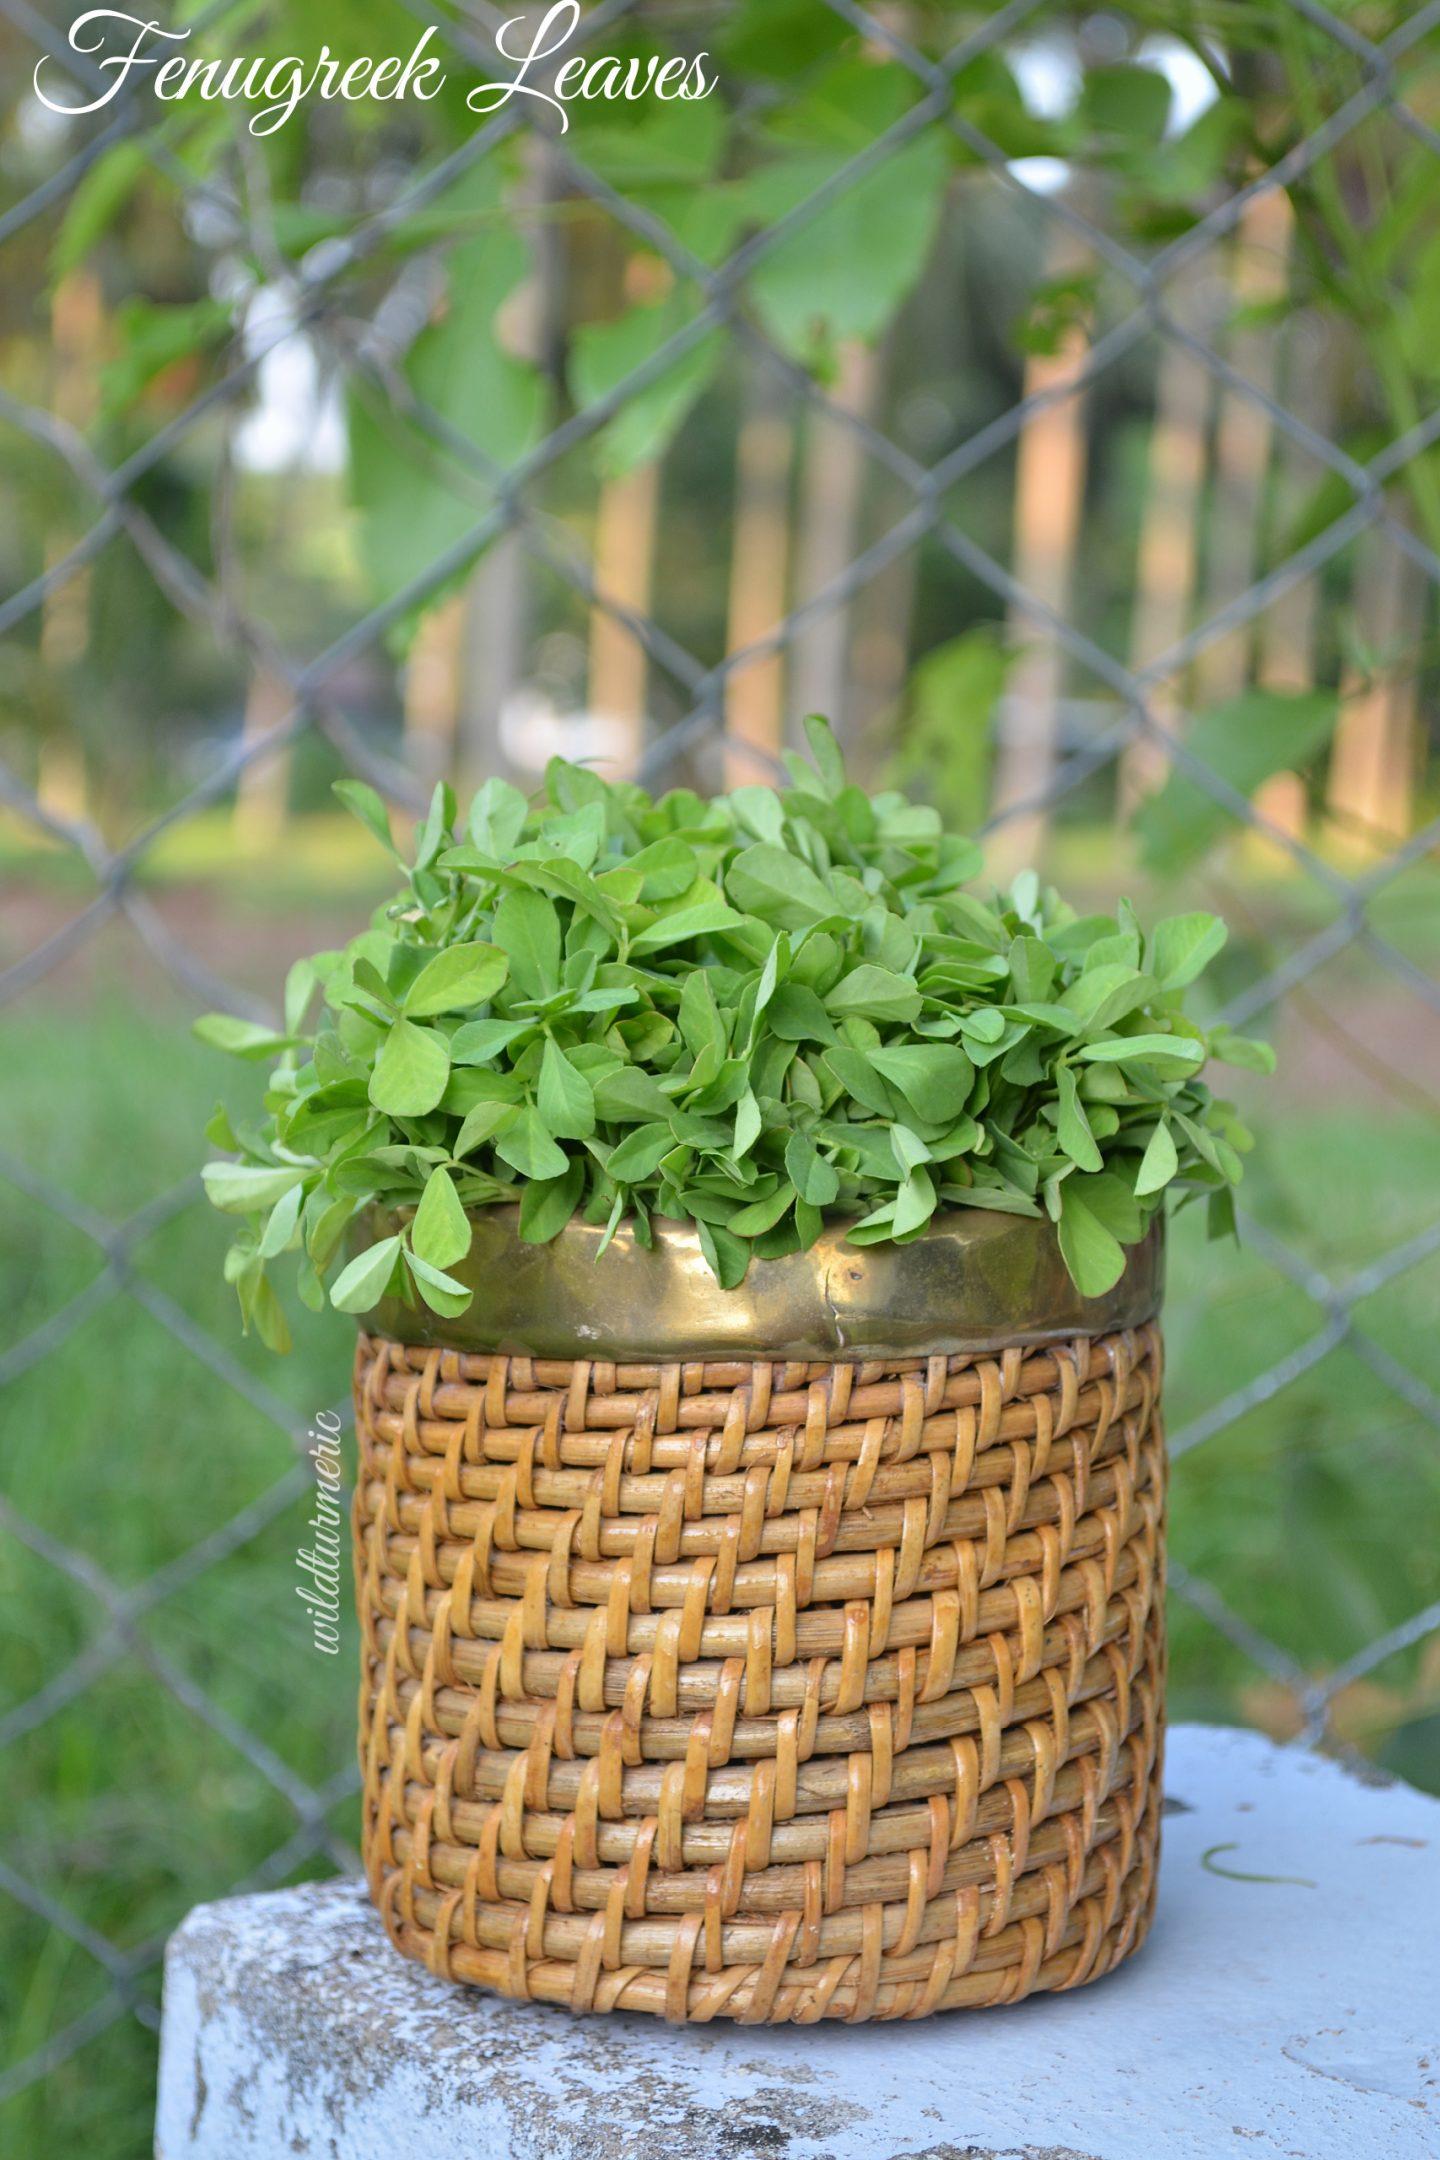 methi leaves uses